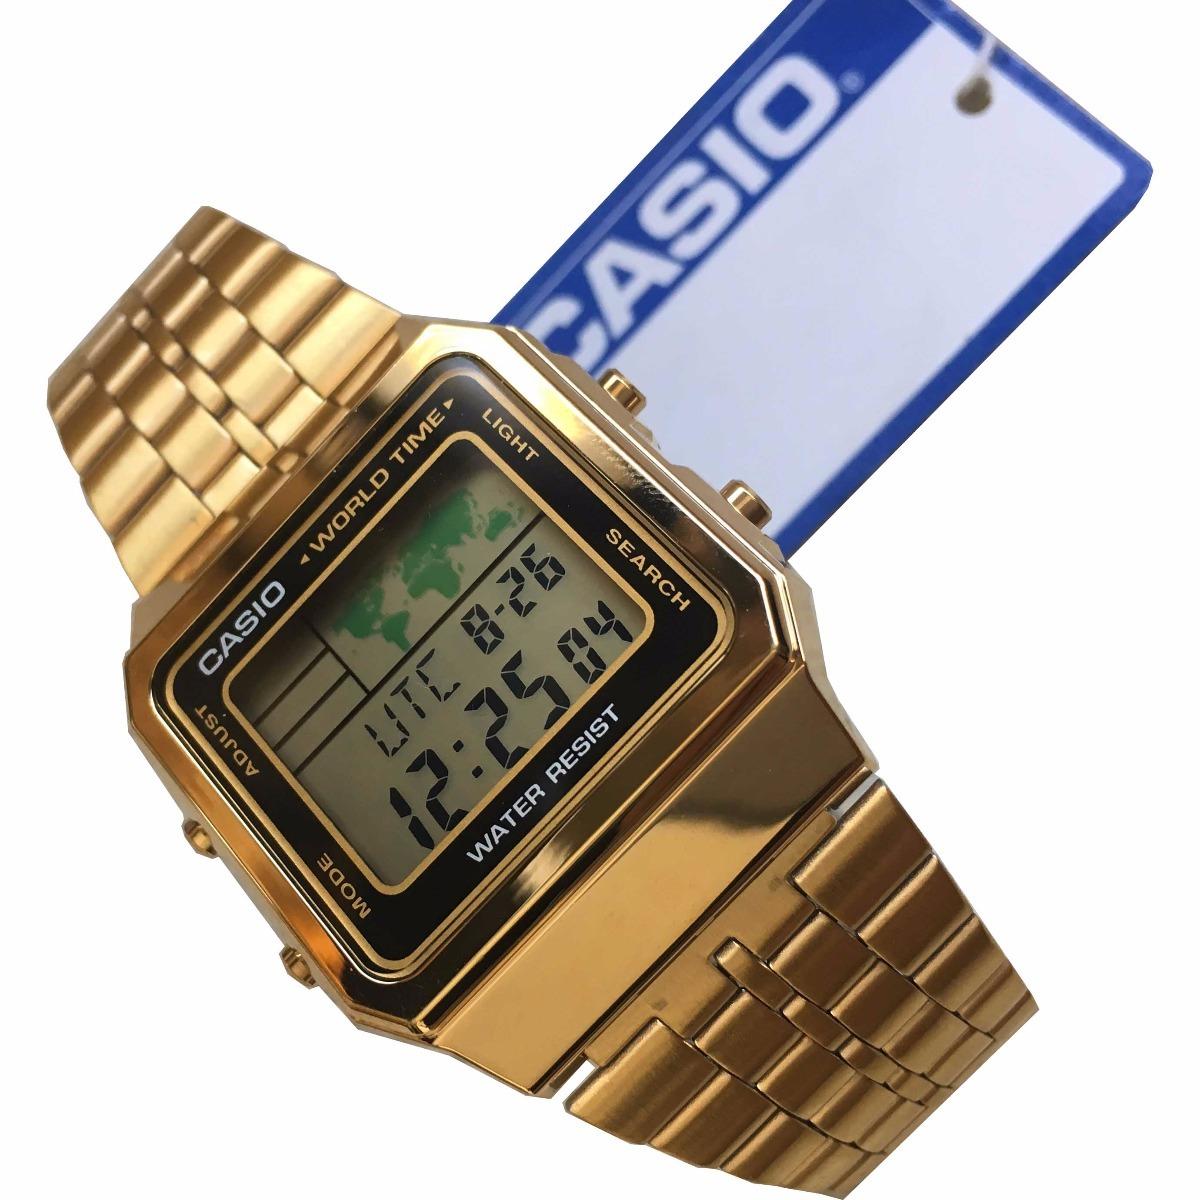 ac16aba3912 Carregando zoom... relogio casio a500 dourado unissex c  caixa original